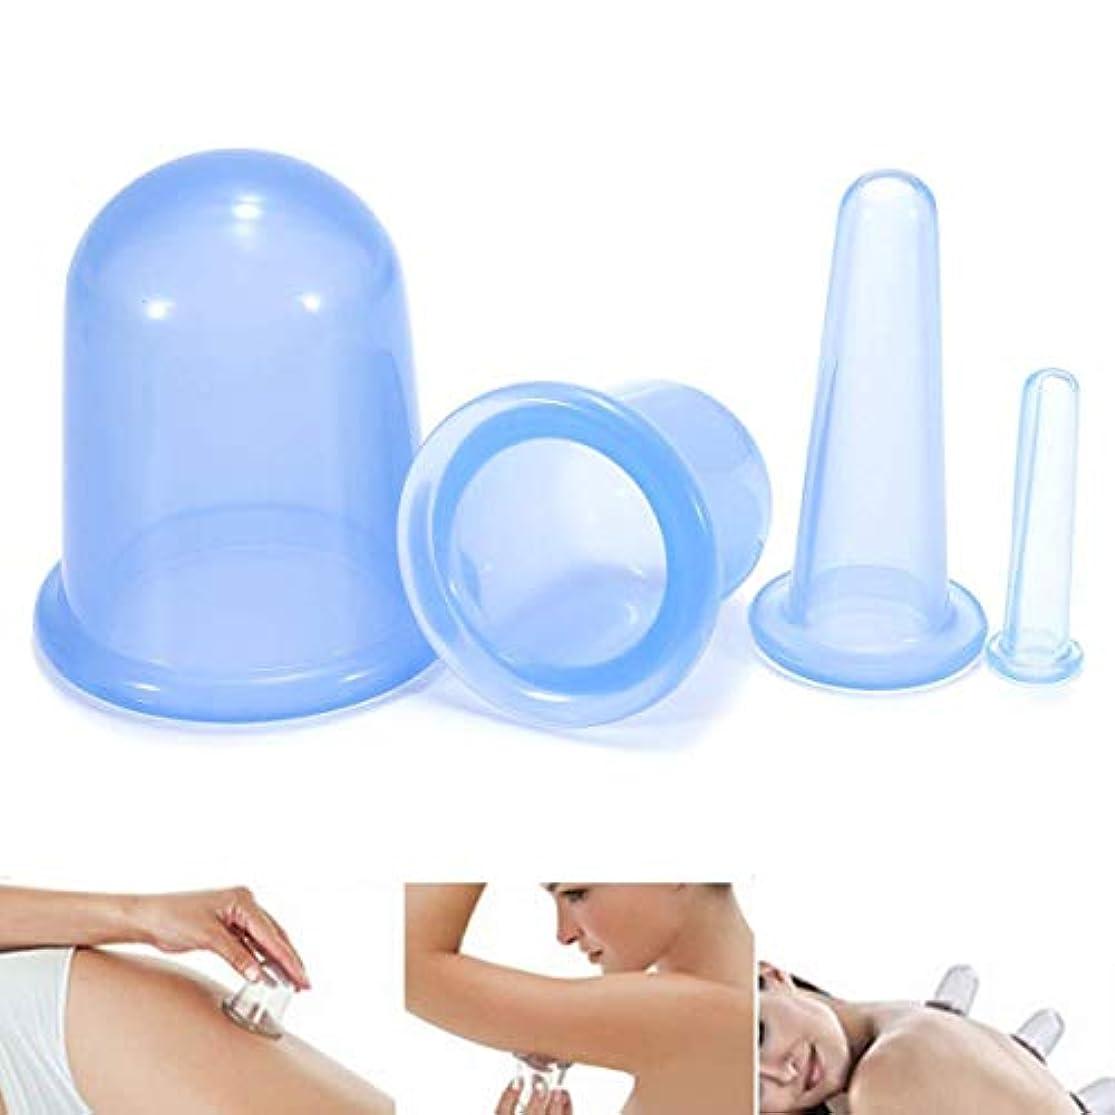 傷跡人間収益セルライトカッピングセット療法マッサージGuasha吸引真空マッサージカップ美容シリコーンカッピング